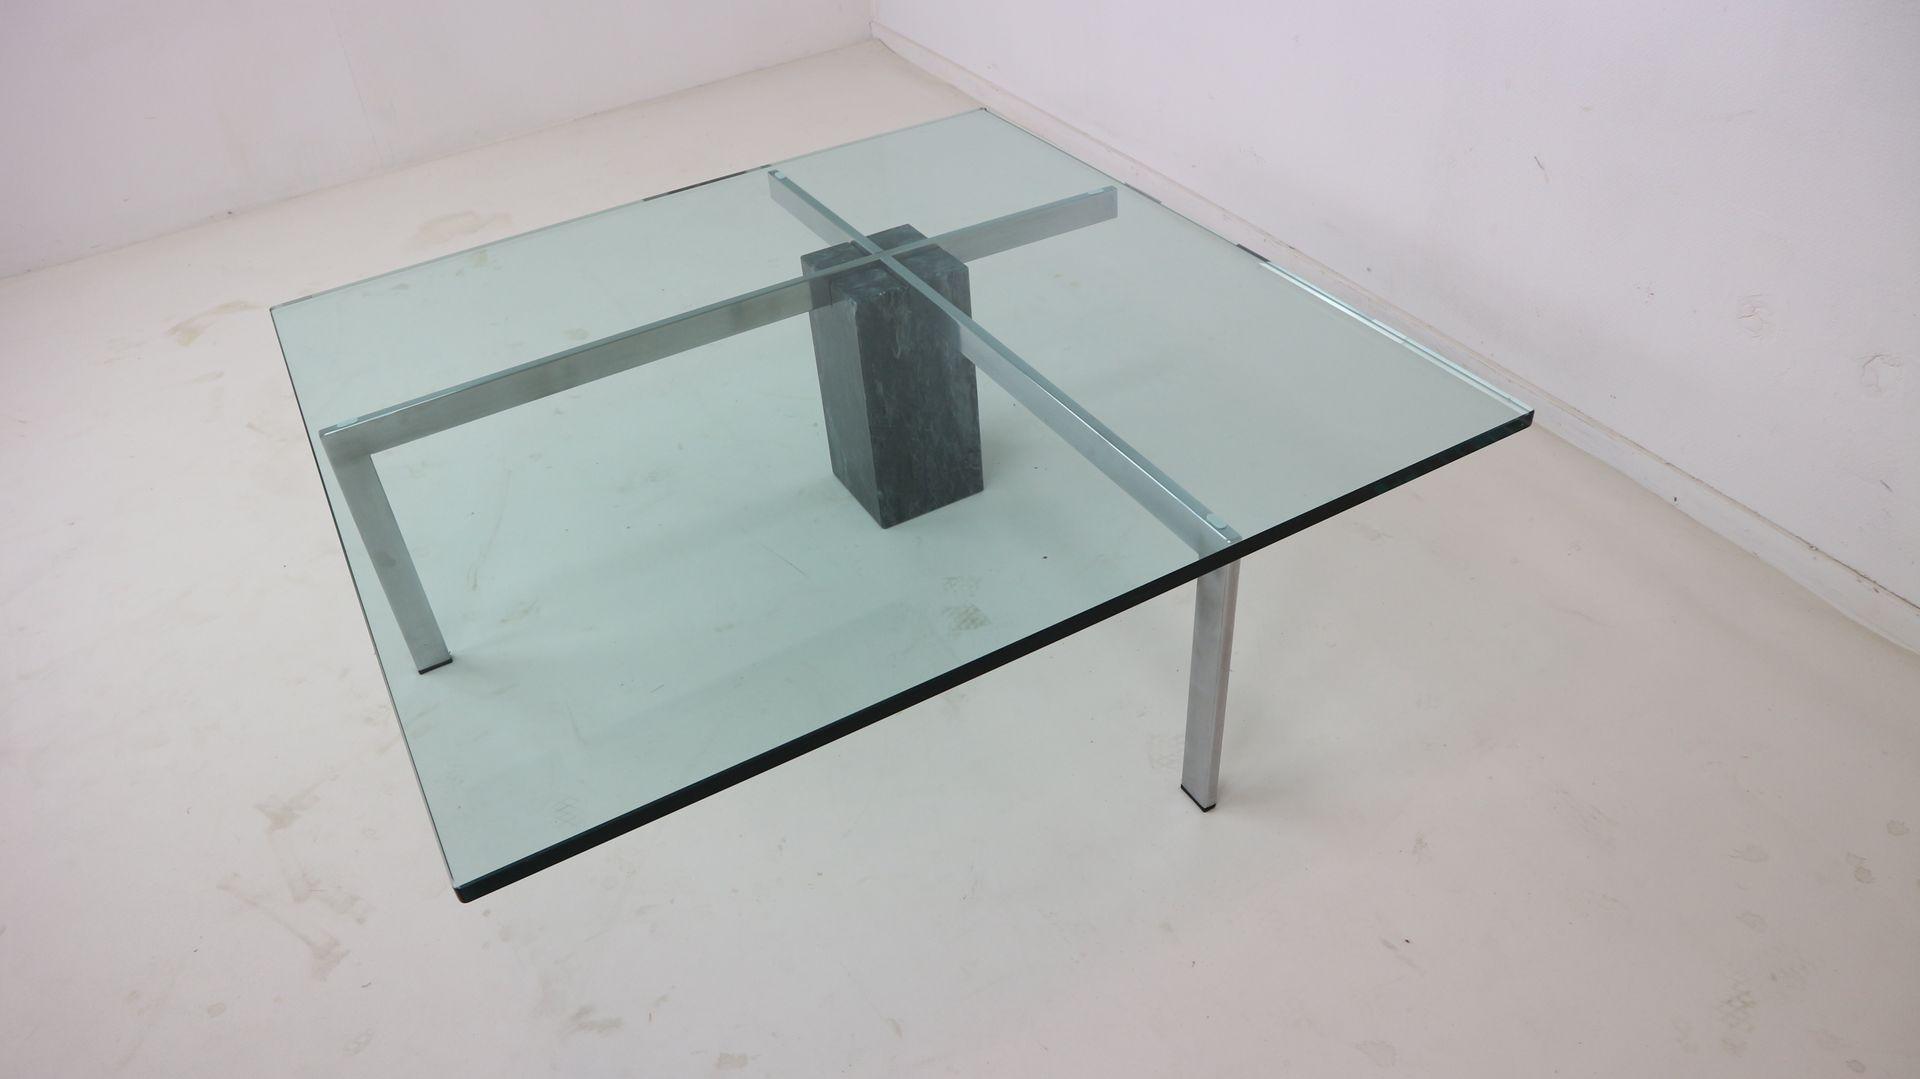 table basse moderniste en marbre et verre italie 1970s en vente sur pamono. Black Bedroom Furniture Sets. Home Design Ideas